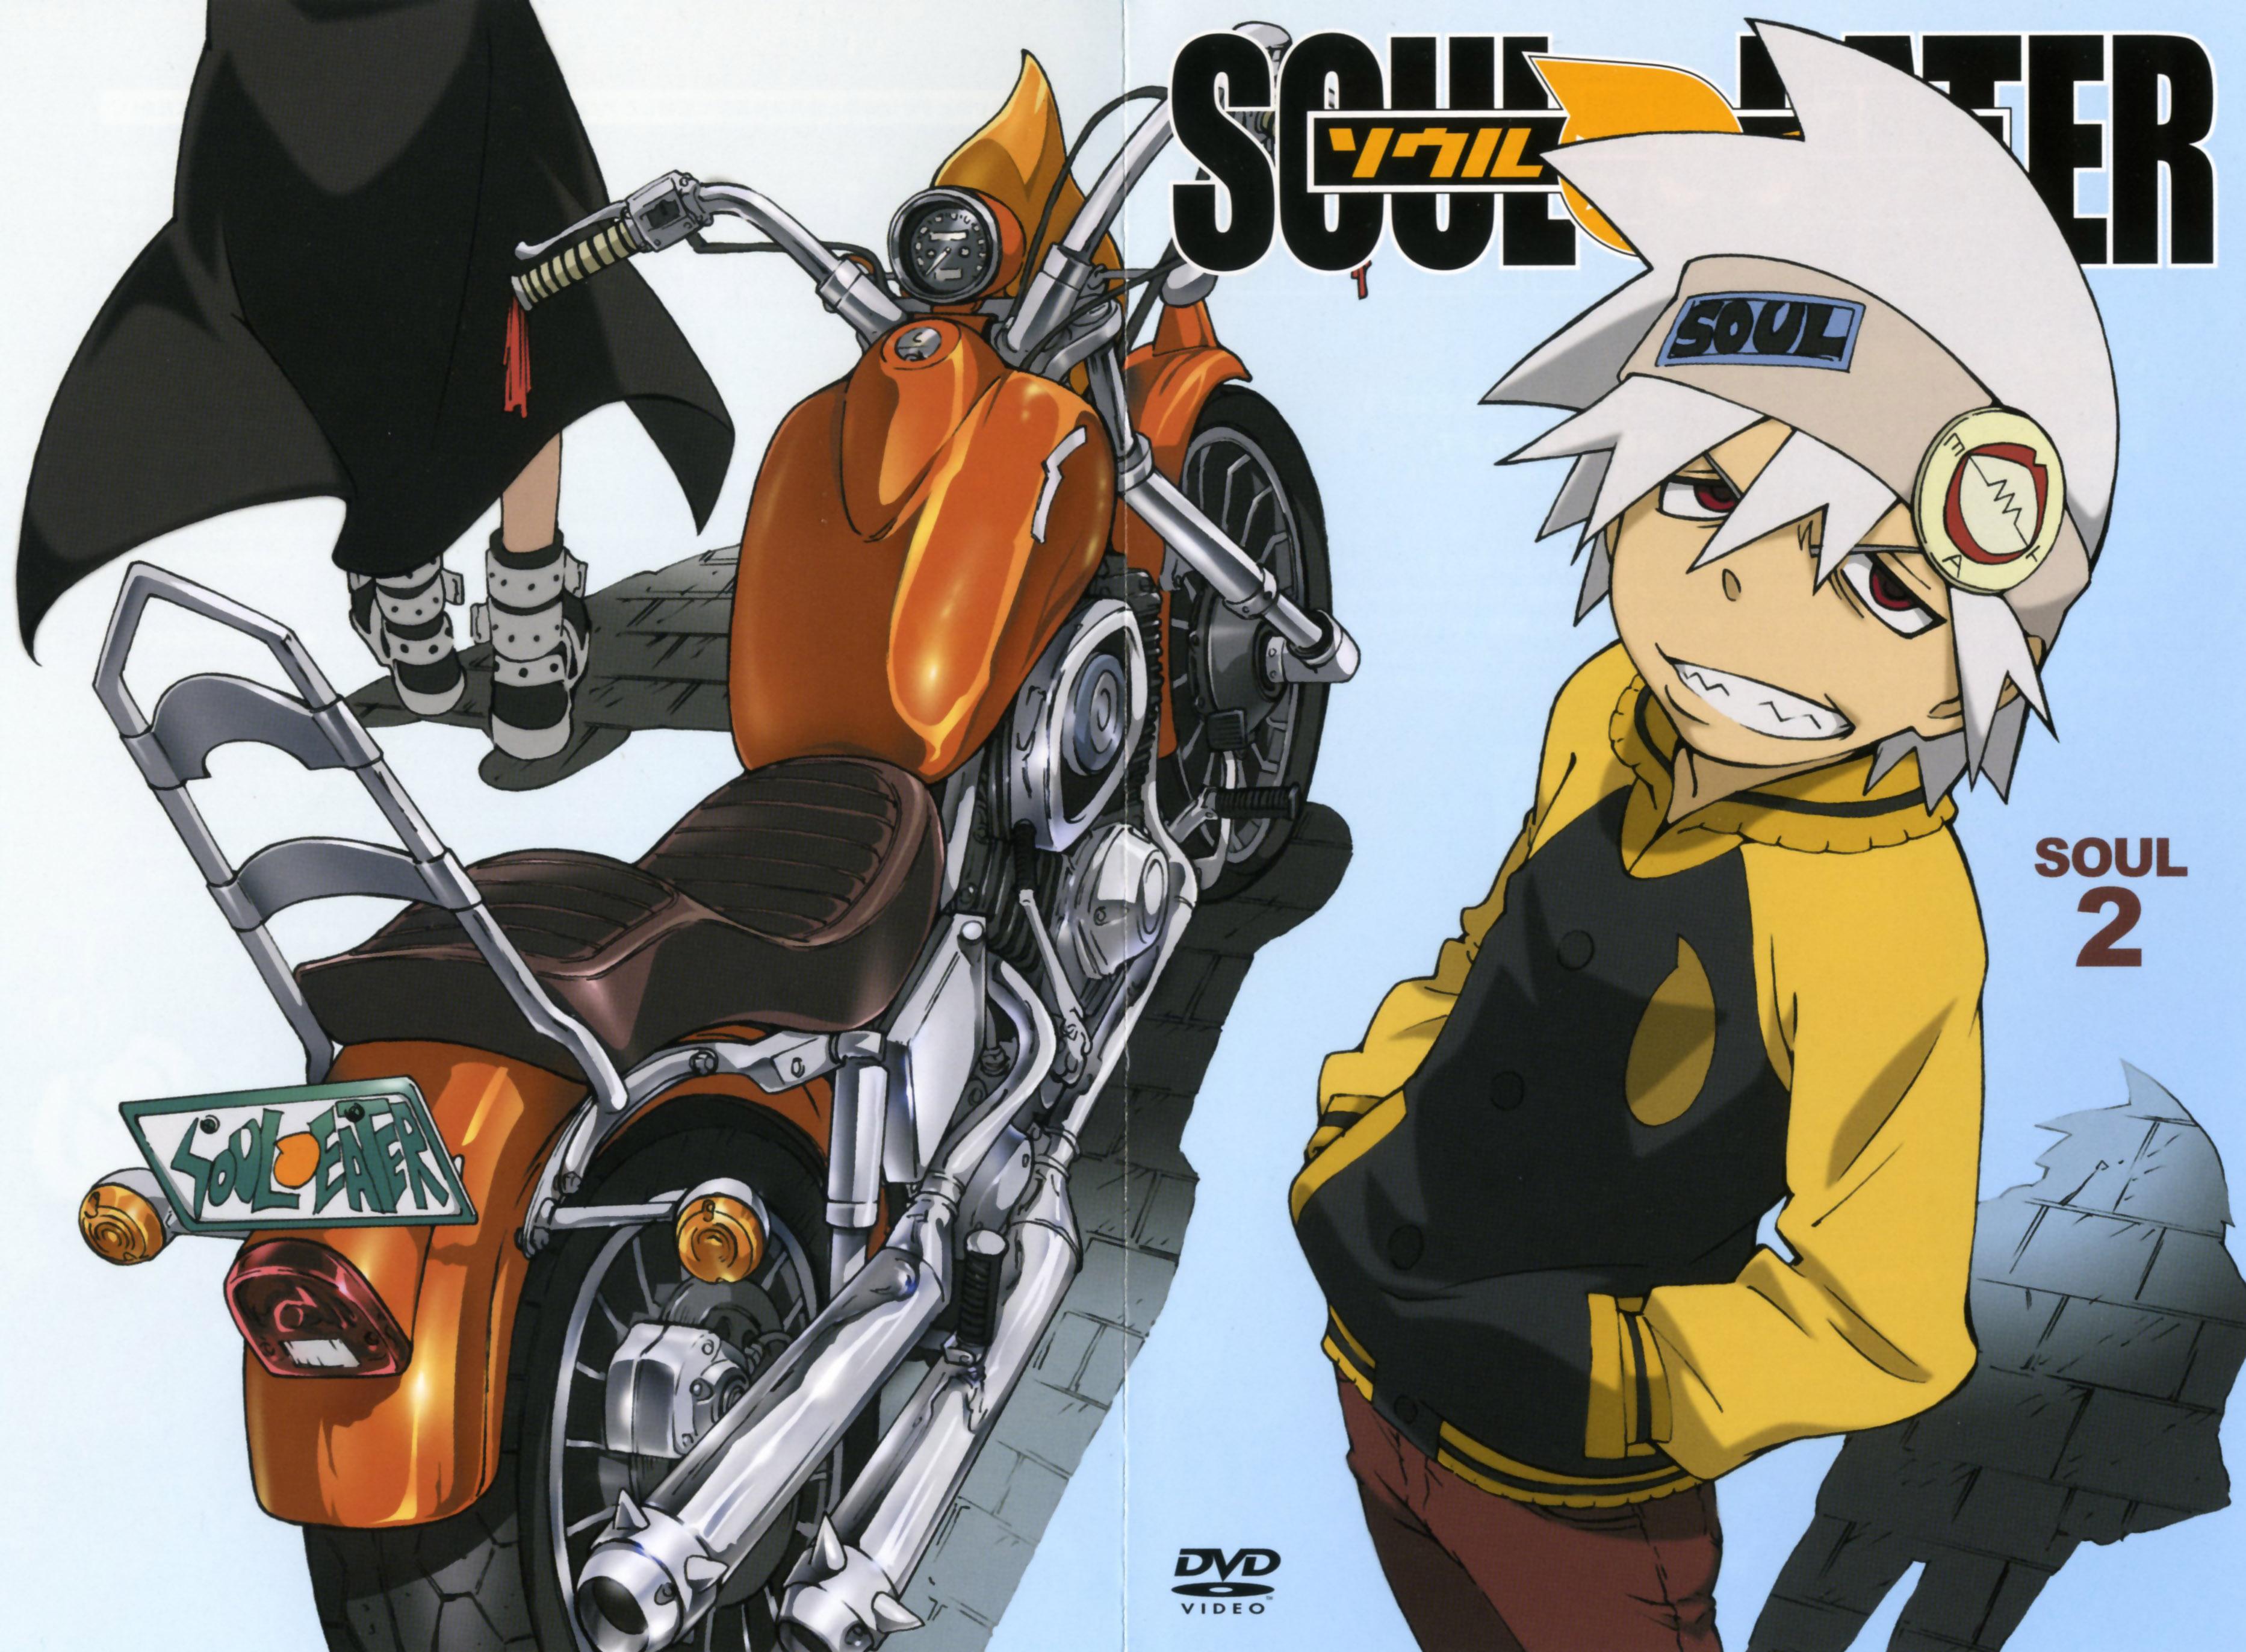 SOUL EATER - Ohkubo Atsushi - Image #55936 - Zerochan Anime Image ...